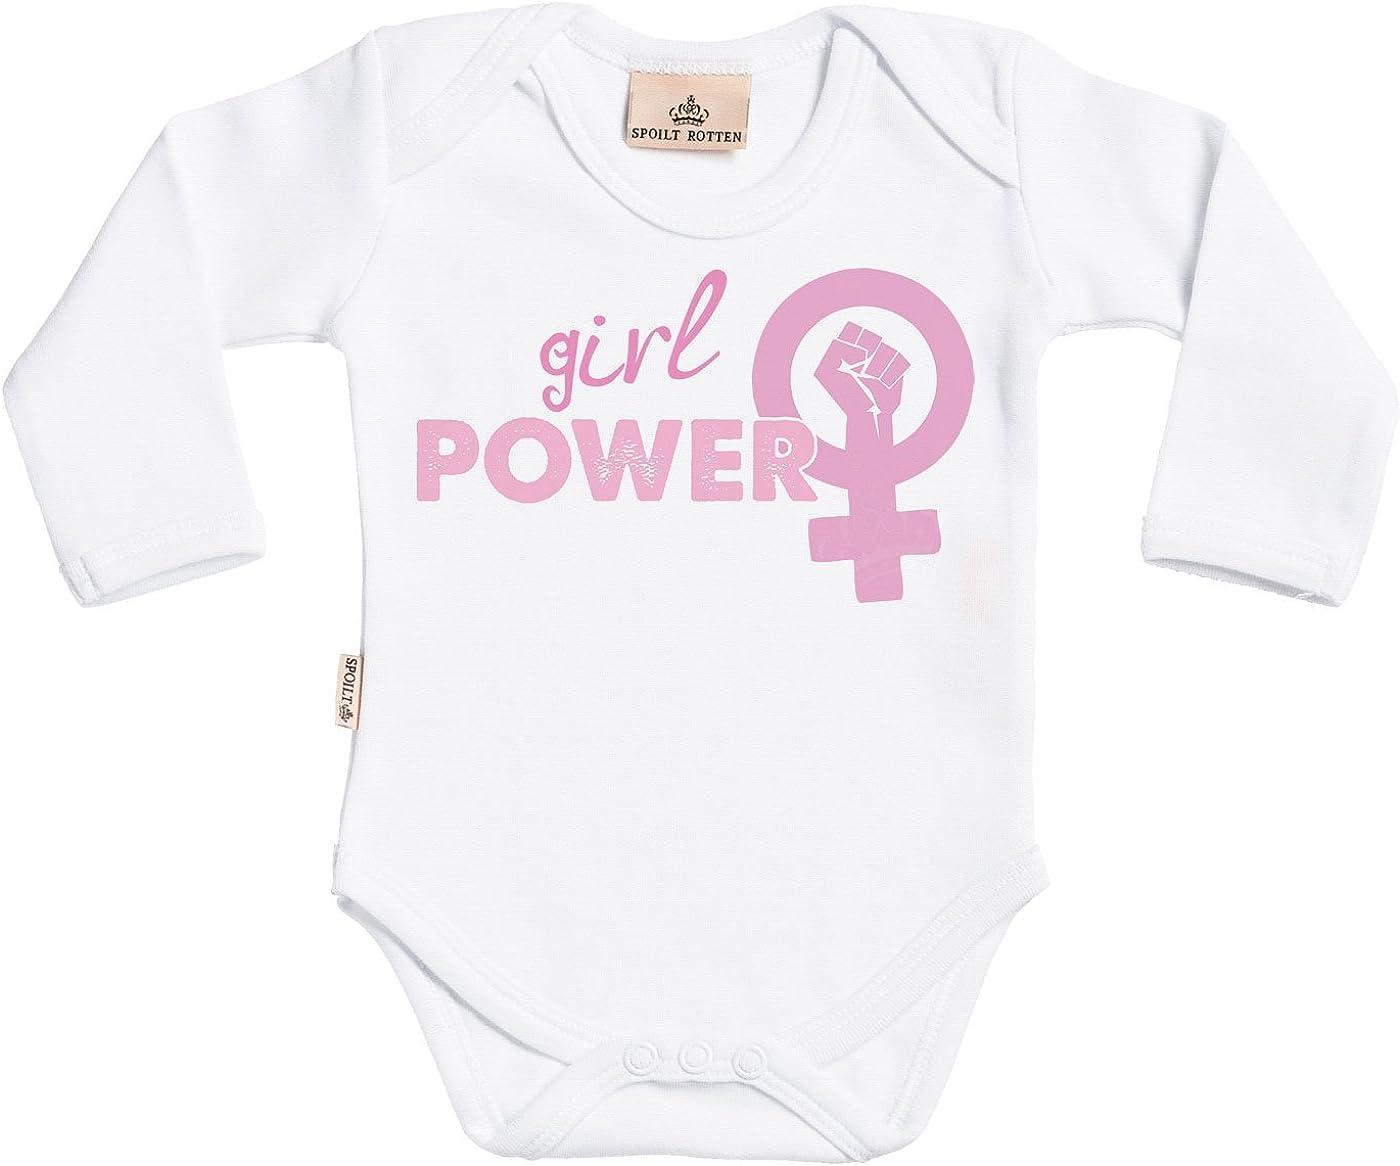 Coffrets Cadeaux pour Coton Bio Spoilt Rotten Girl Power Baby Girl Body b/éb/é V/êtements b/éb/é